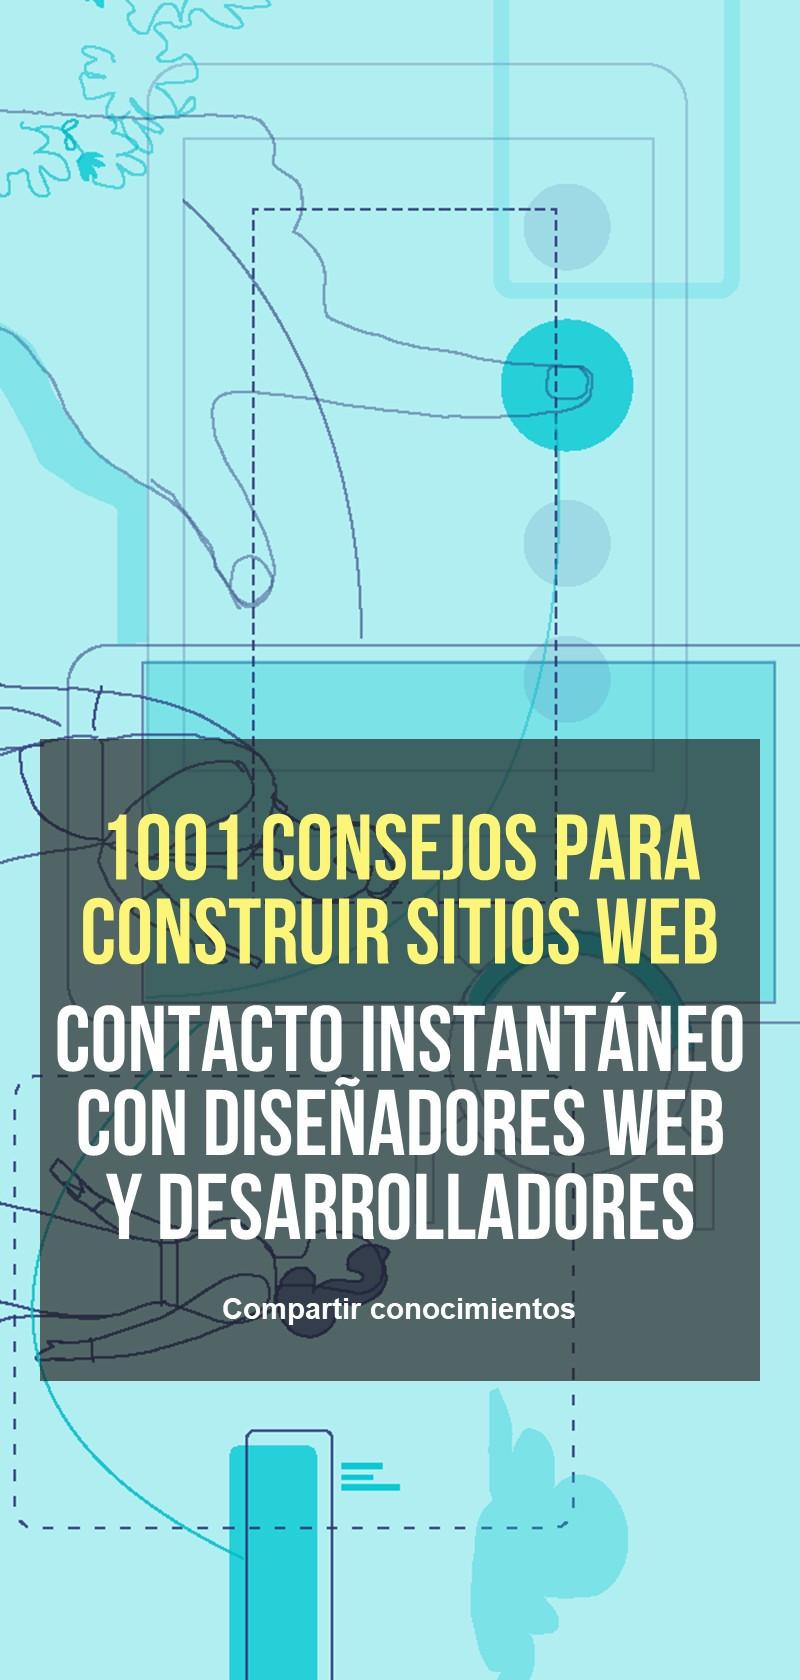 Diseñadores y desarrolladores de sitios web